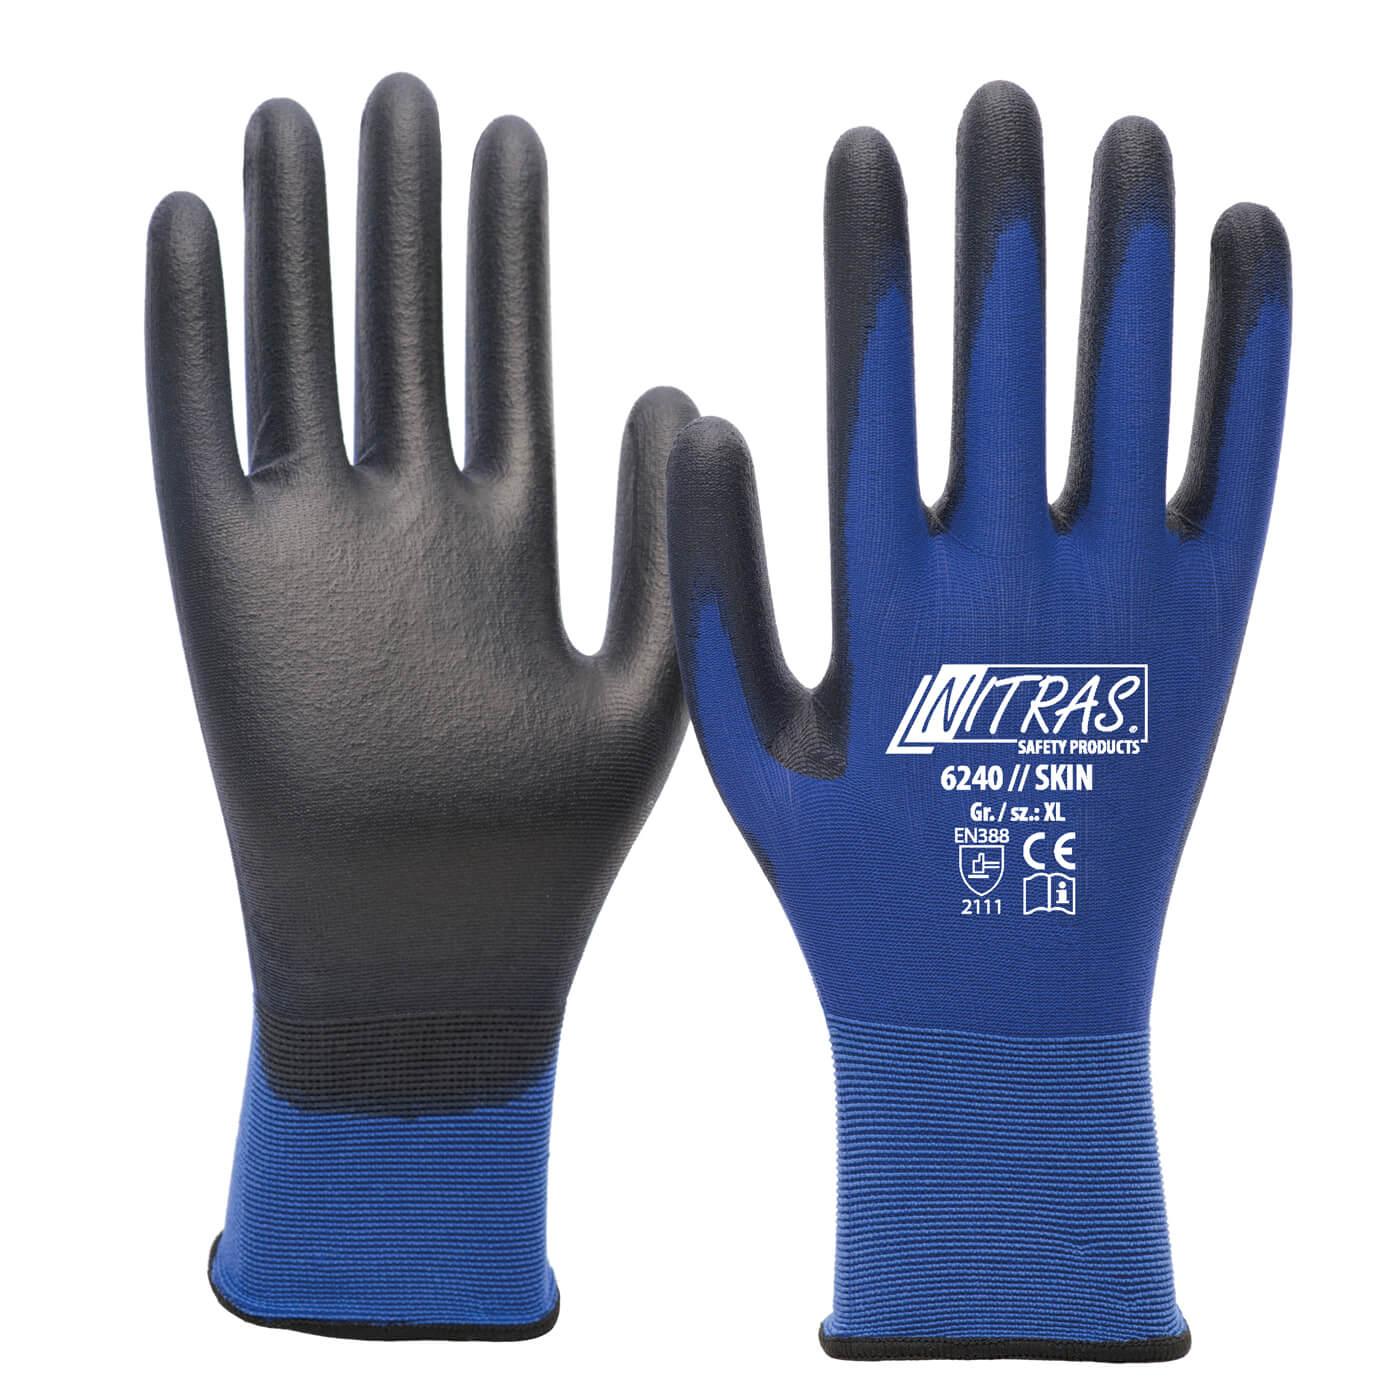 Rękawice montażowe Nitras 6240/ SKIN